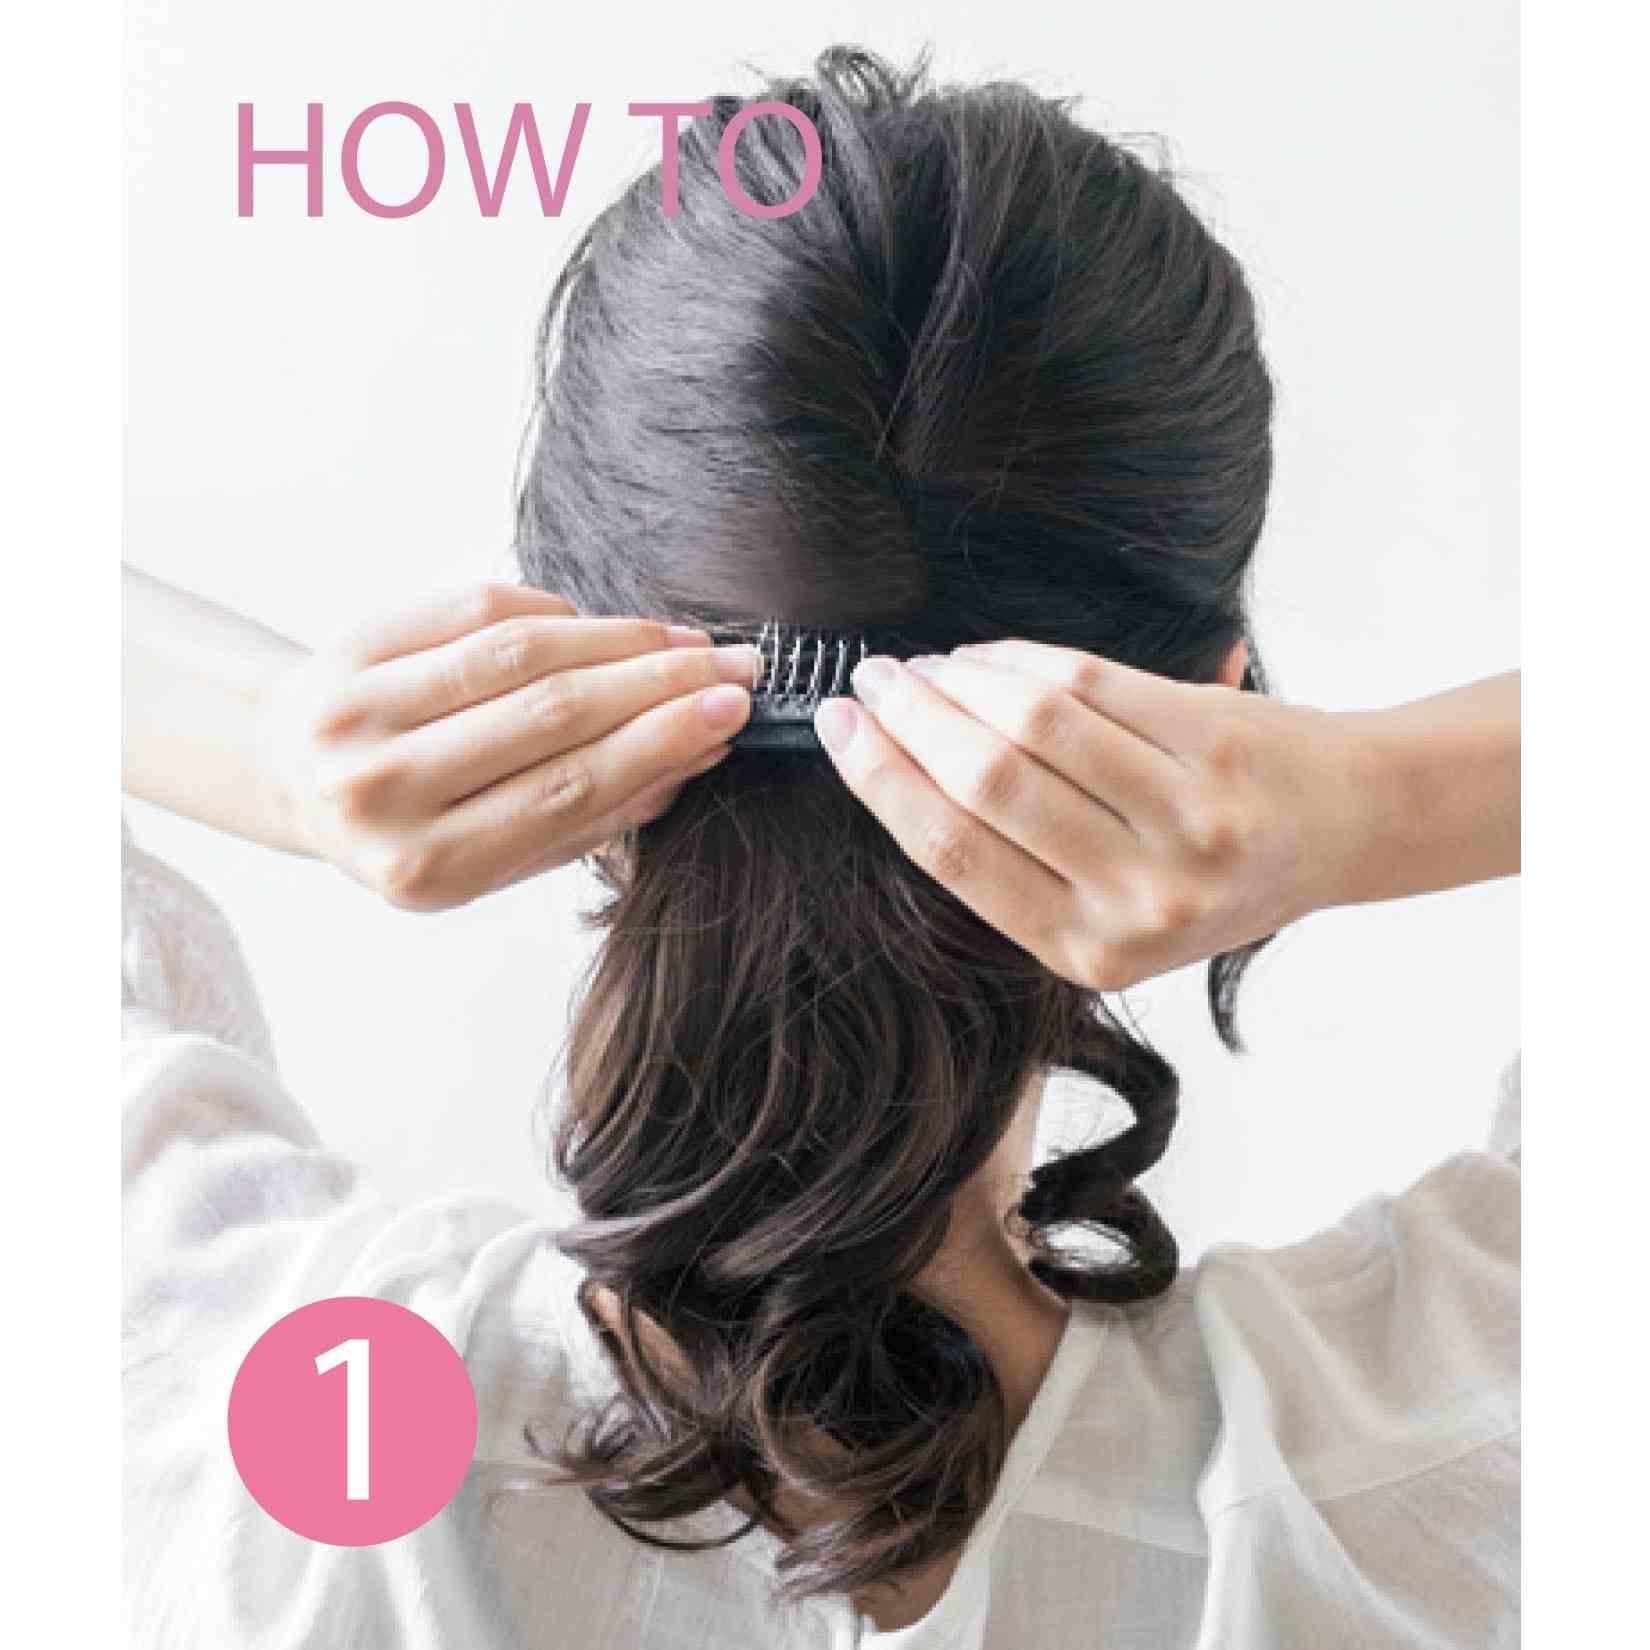 髪の毛をゴムでまとめ、上からウィッグ裏側のコームを差し込みます。